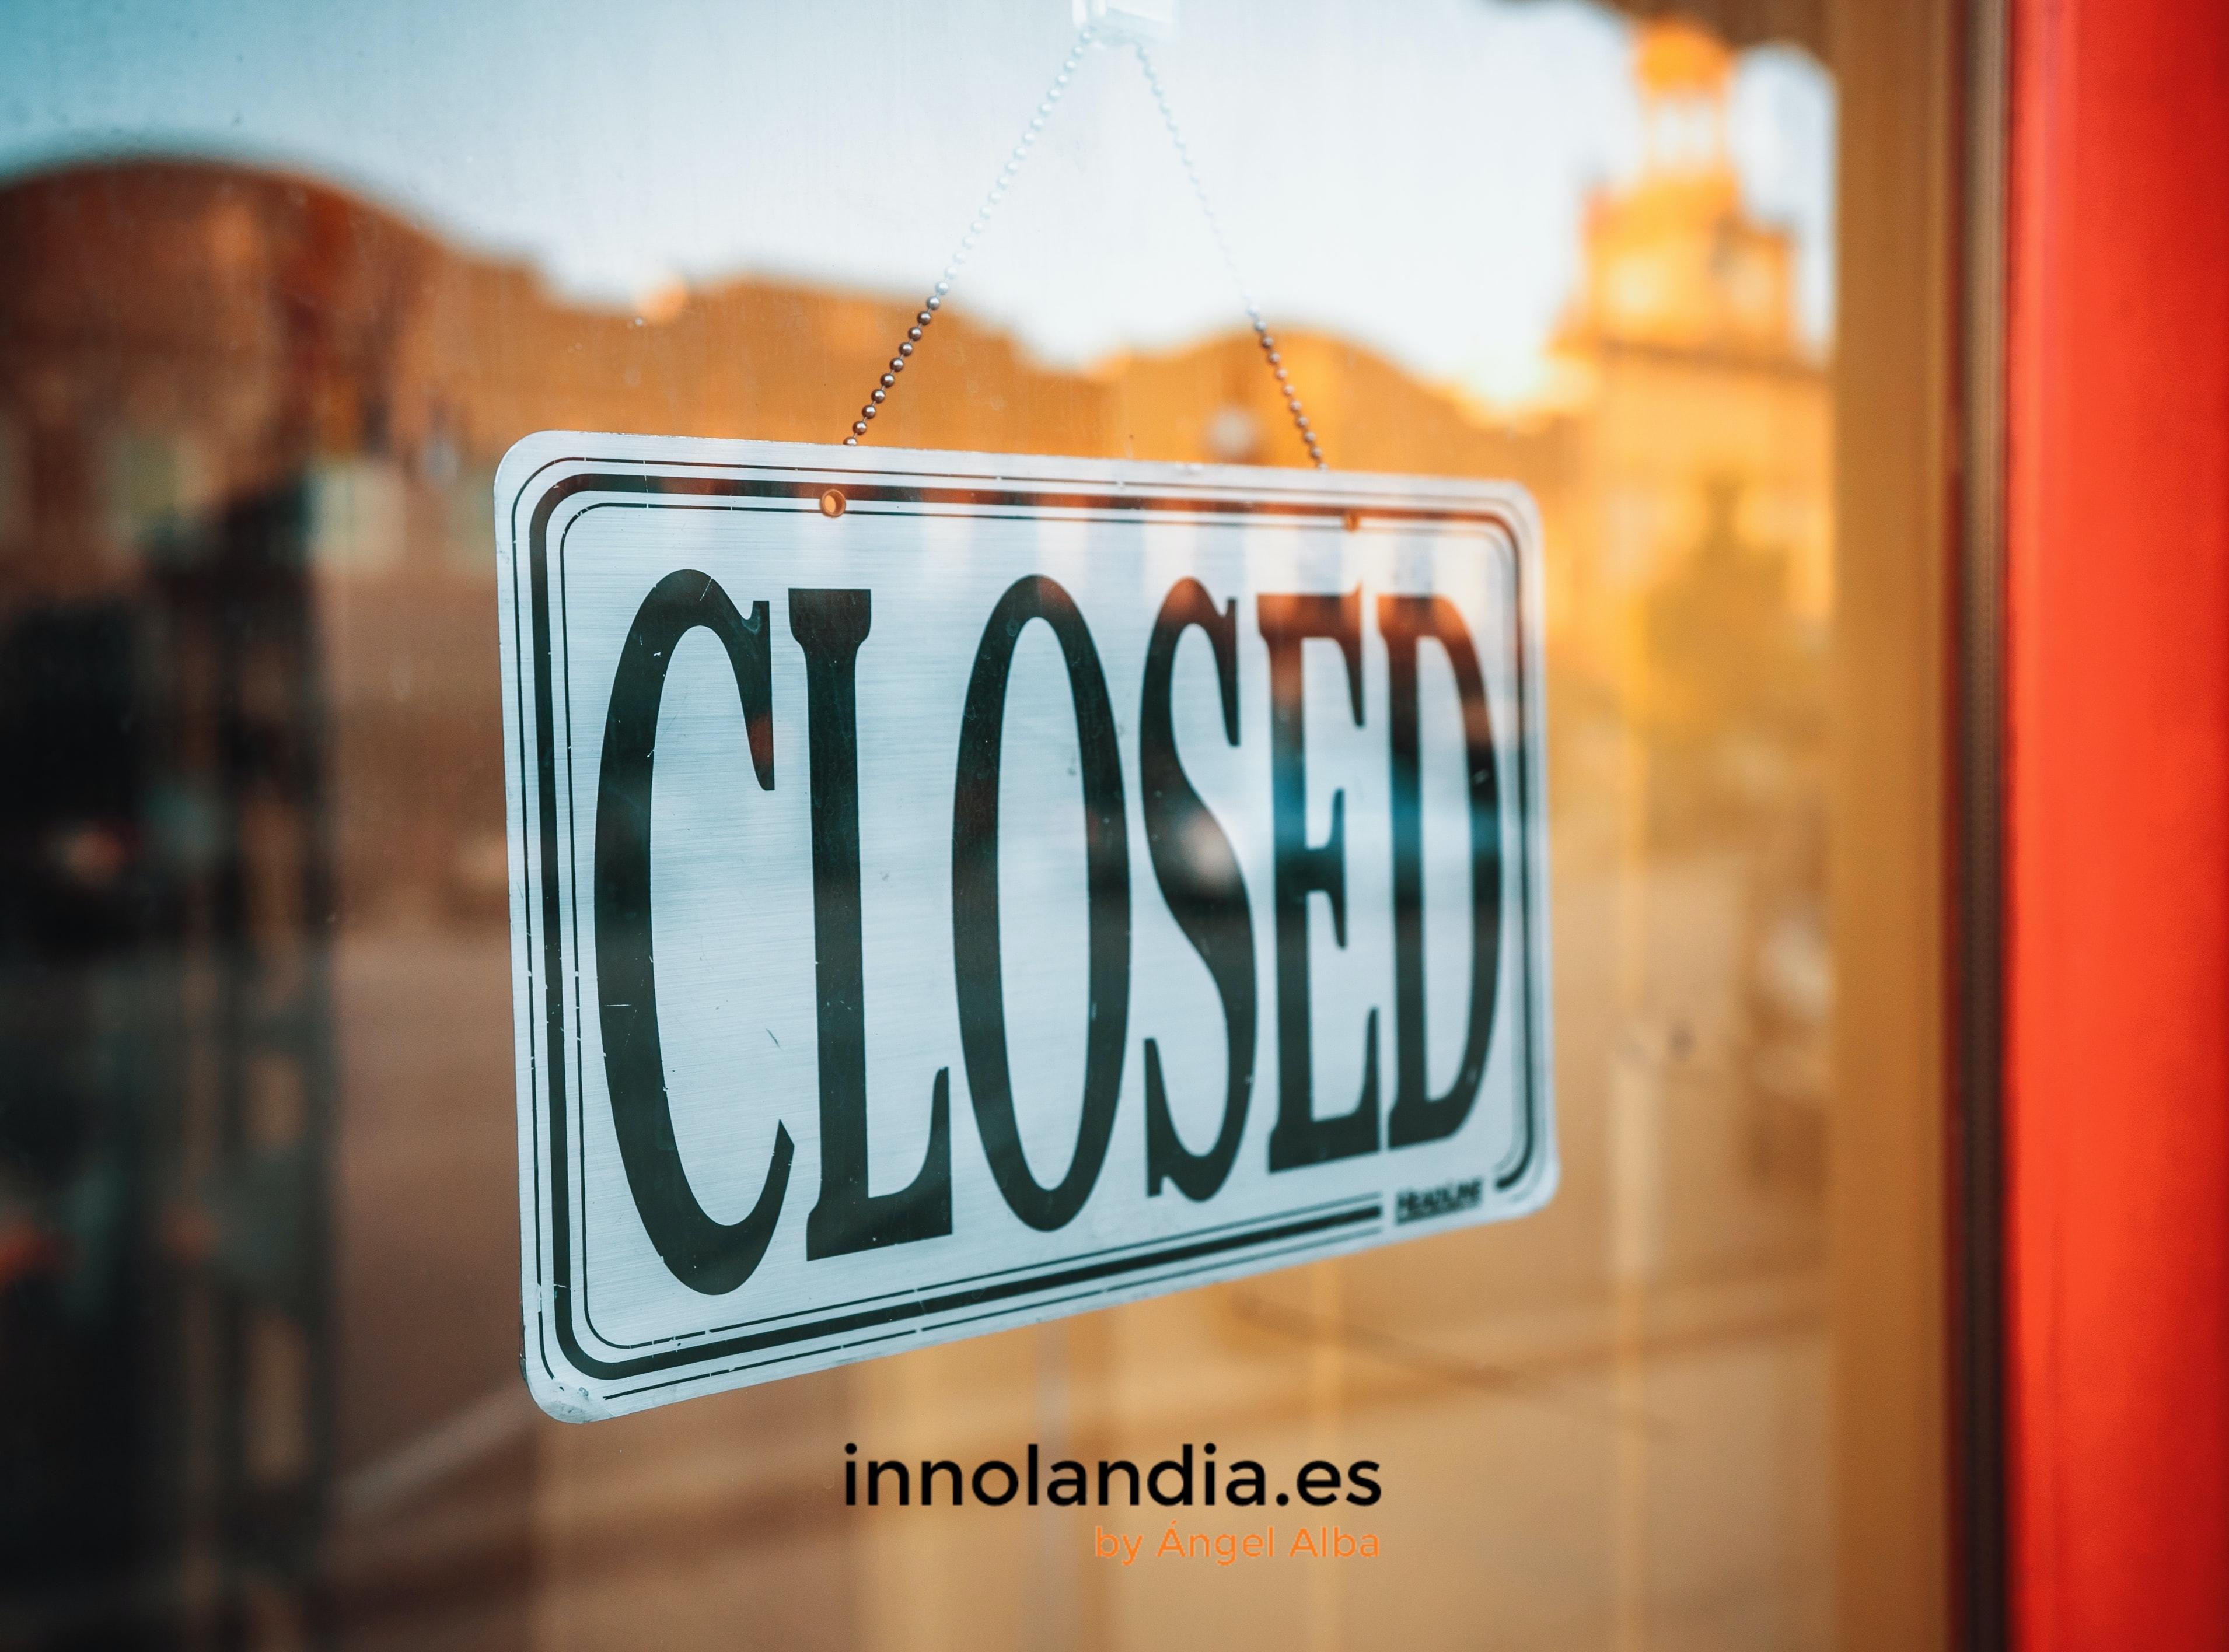 El cierre de proyectos de innovación